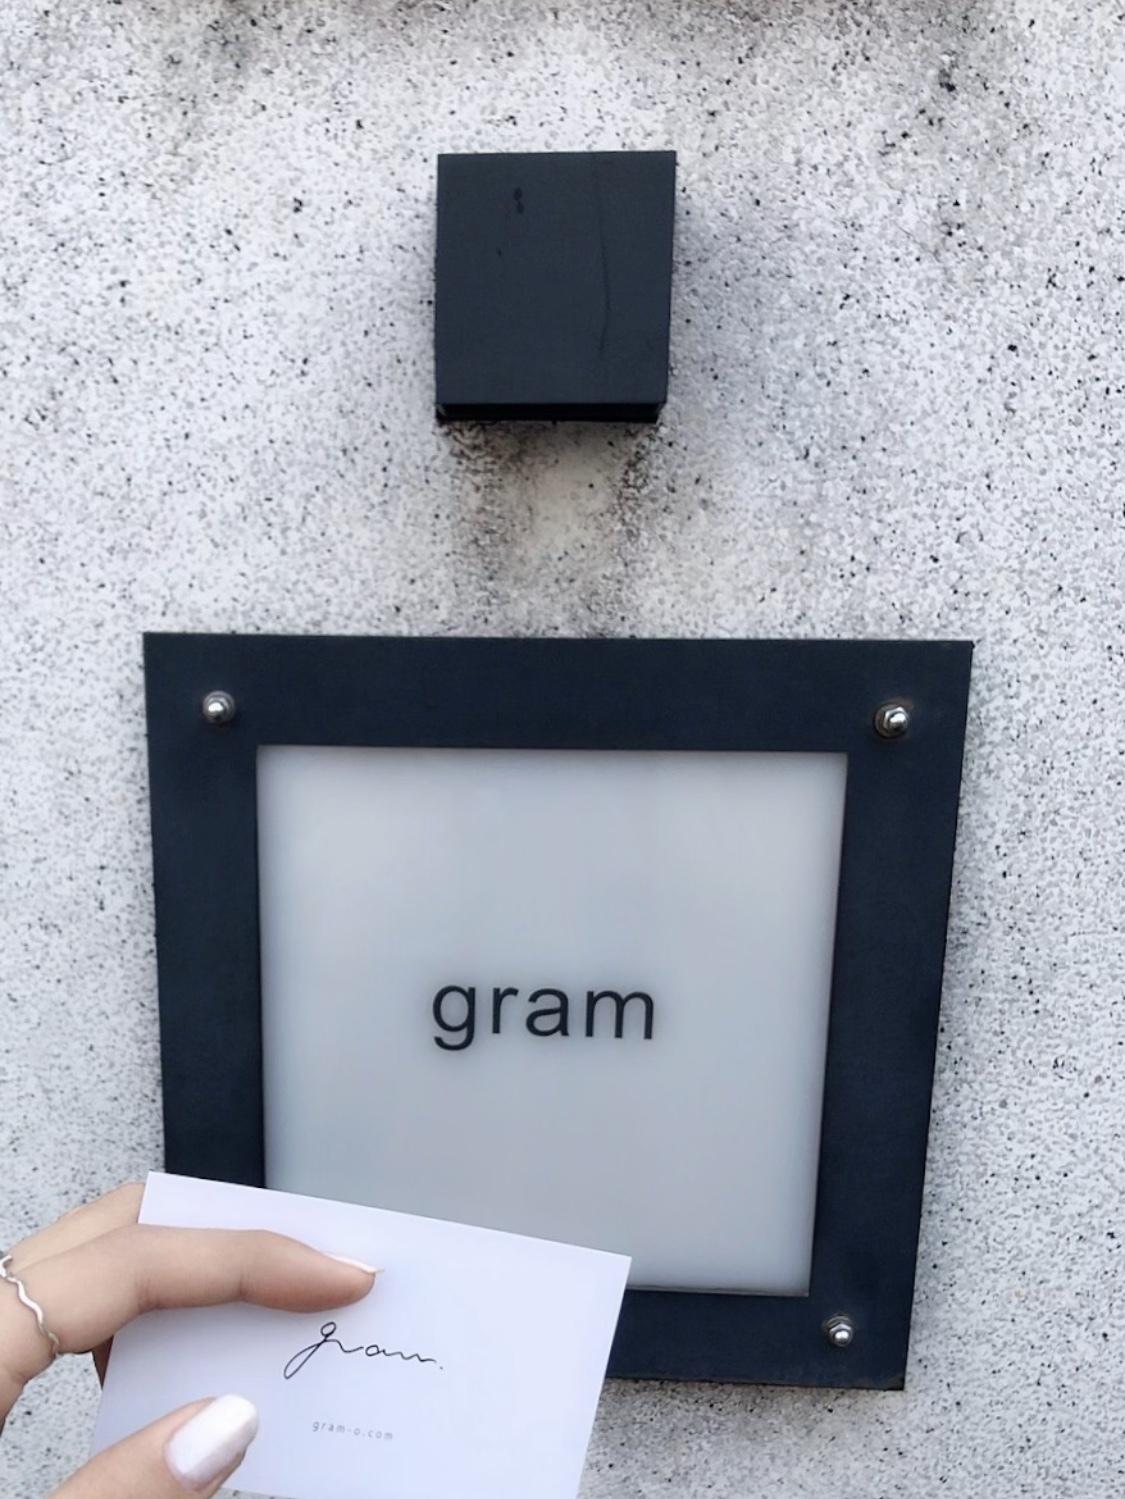 """【オススメすぎる】""""gram""""オーダーメイドの指輪!この可愛いさで1000円以内?!in鎌倉_1_4"""